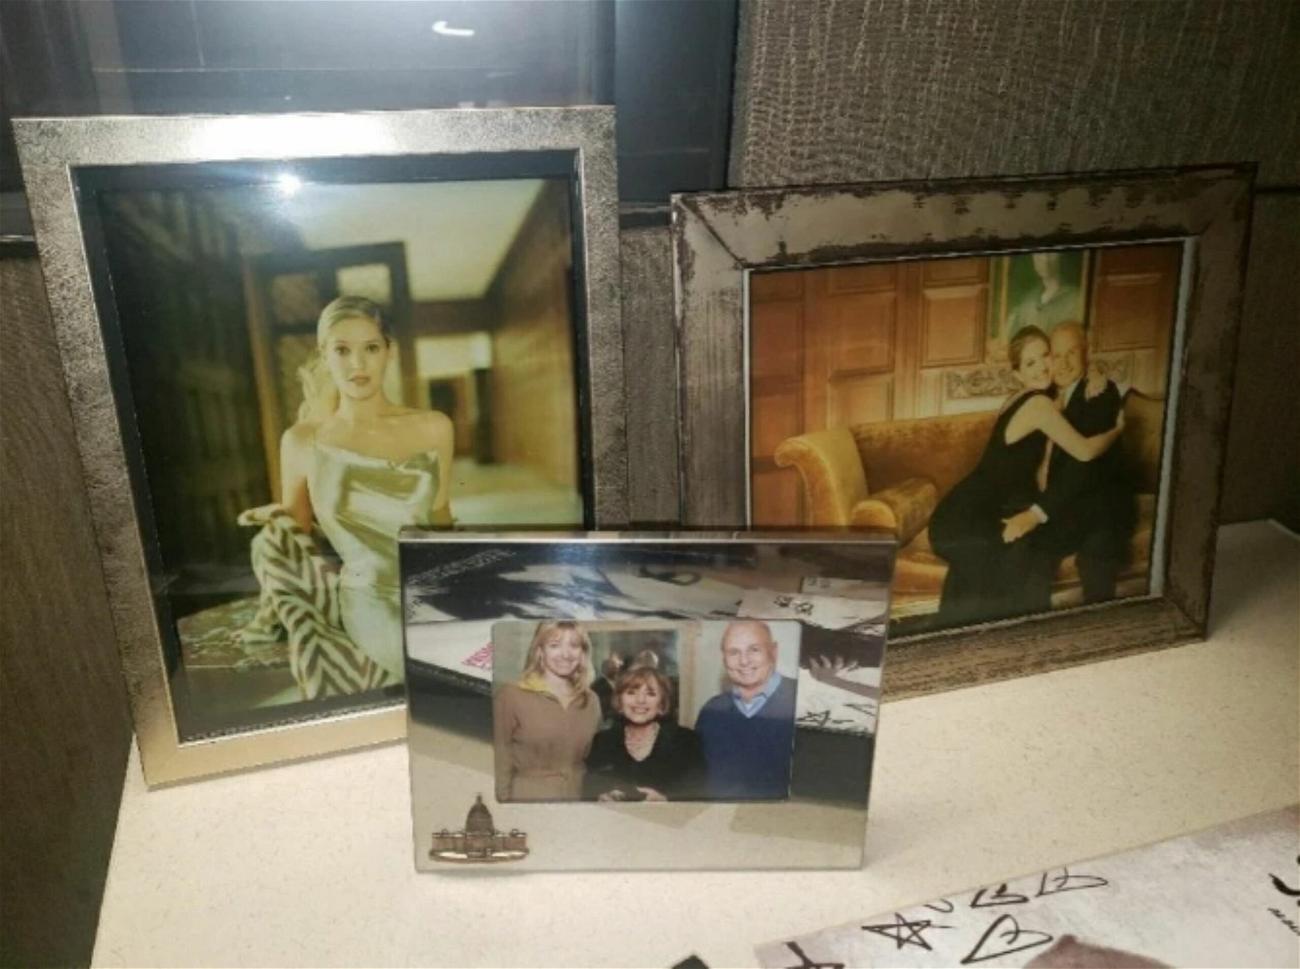 'RHOBH' Unaired Footage Subpoenaed In Ongoing Erika Jayne Legal War